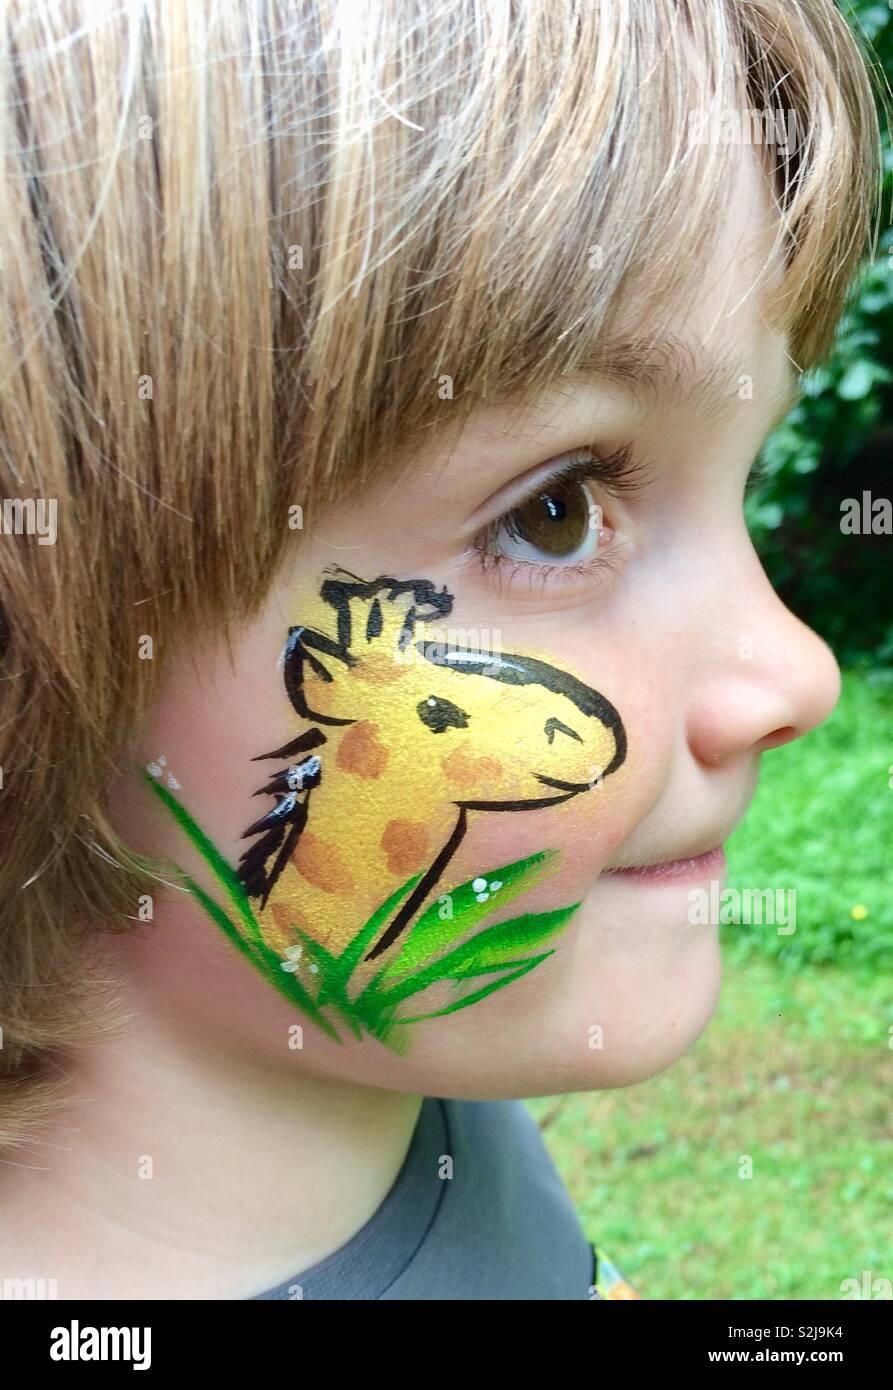 Garçon avec girafe face paint Photo Stock